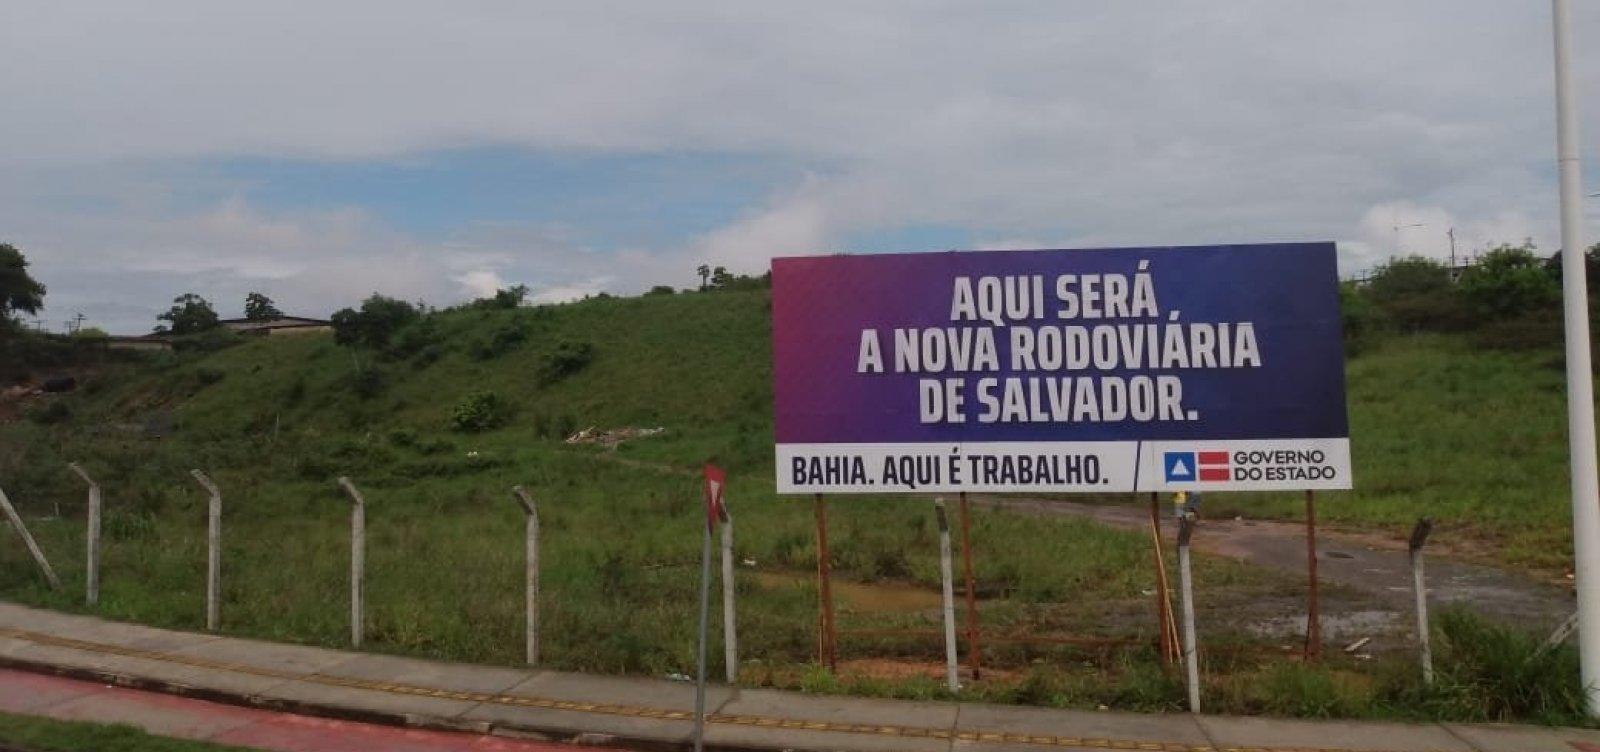 [Agerba abre licitação para operação da rodoviária de Salvador e construção de novo terminal]